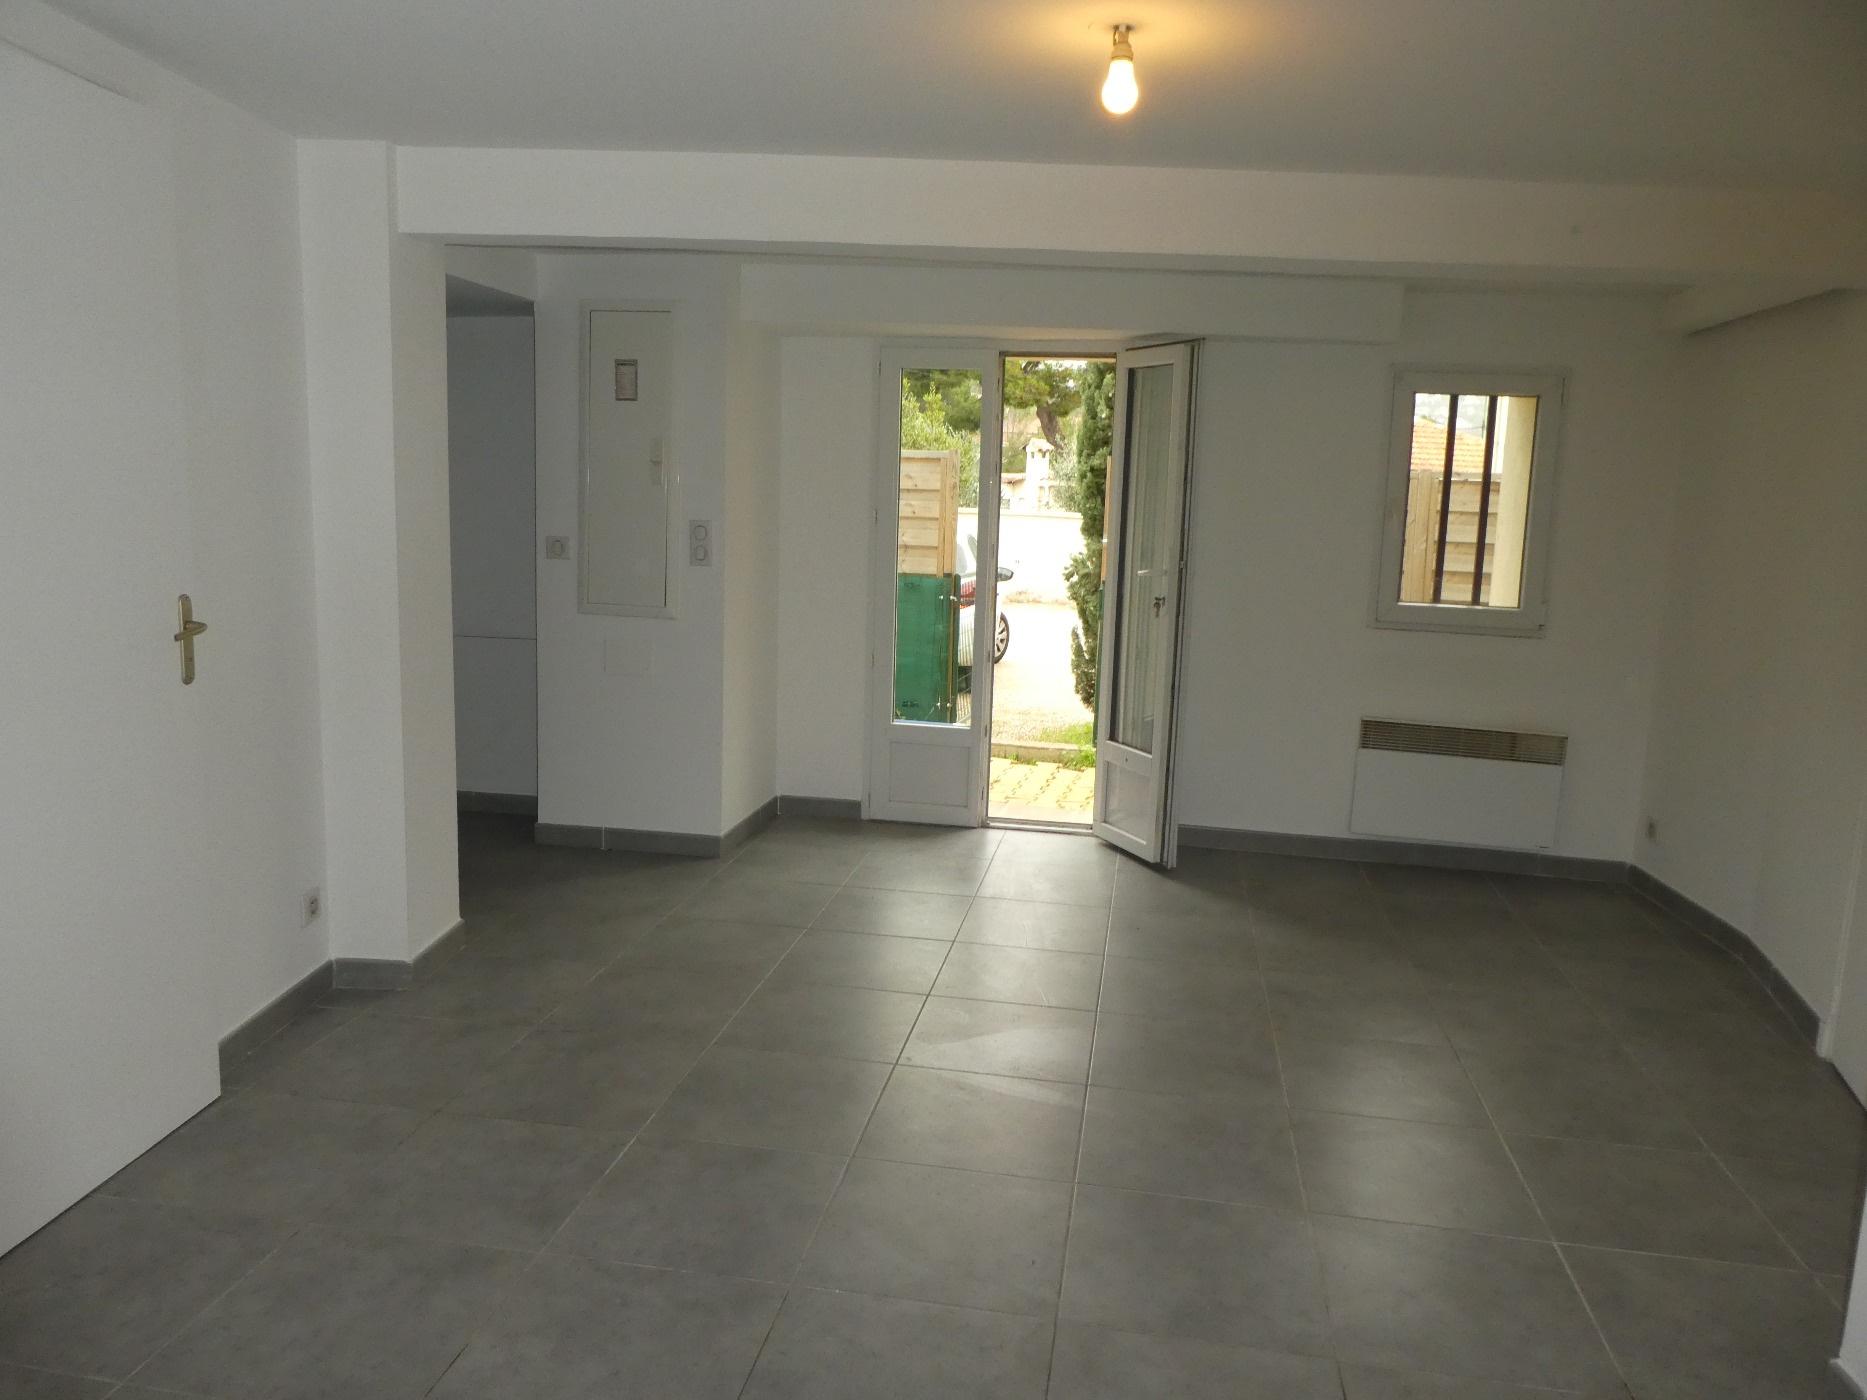 Location p gomas et environs appartements et villas for Location appartement yverdon et environs